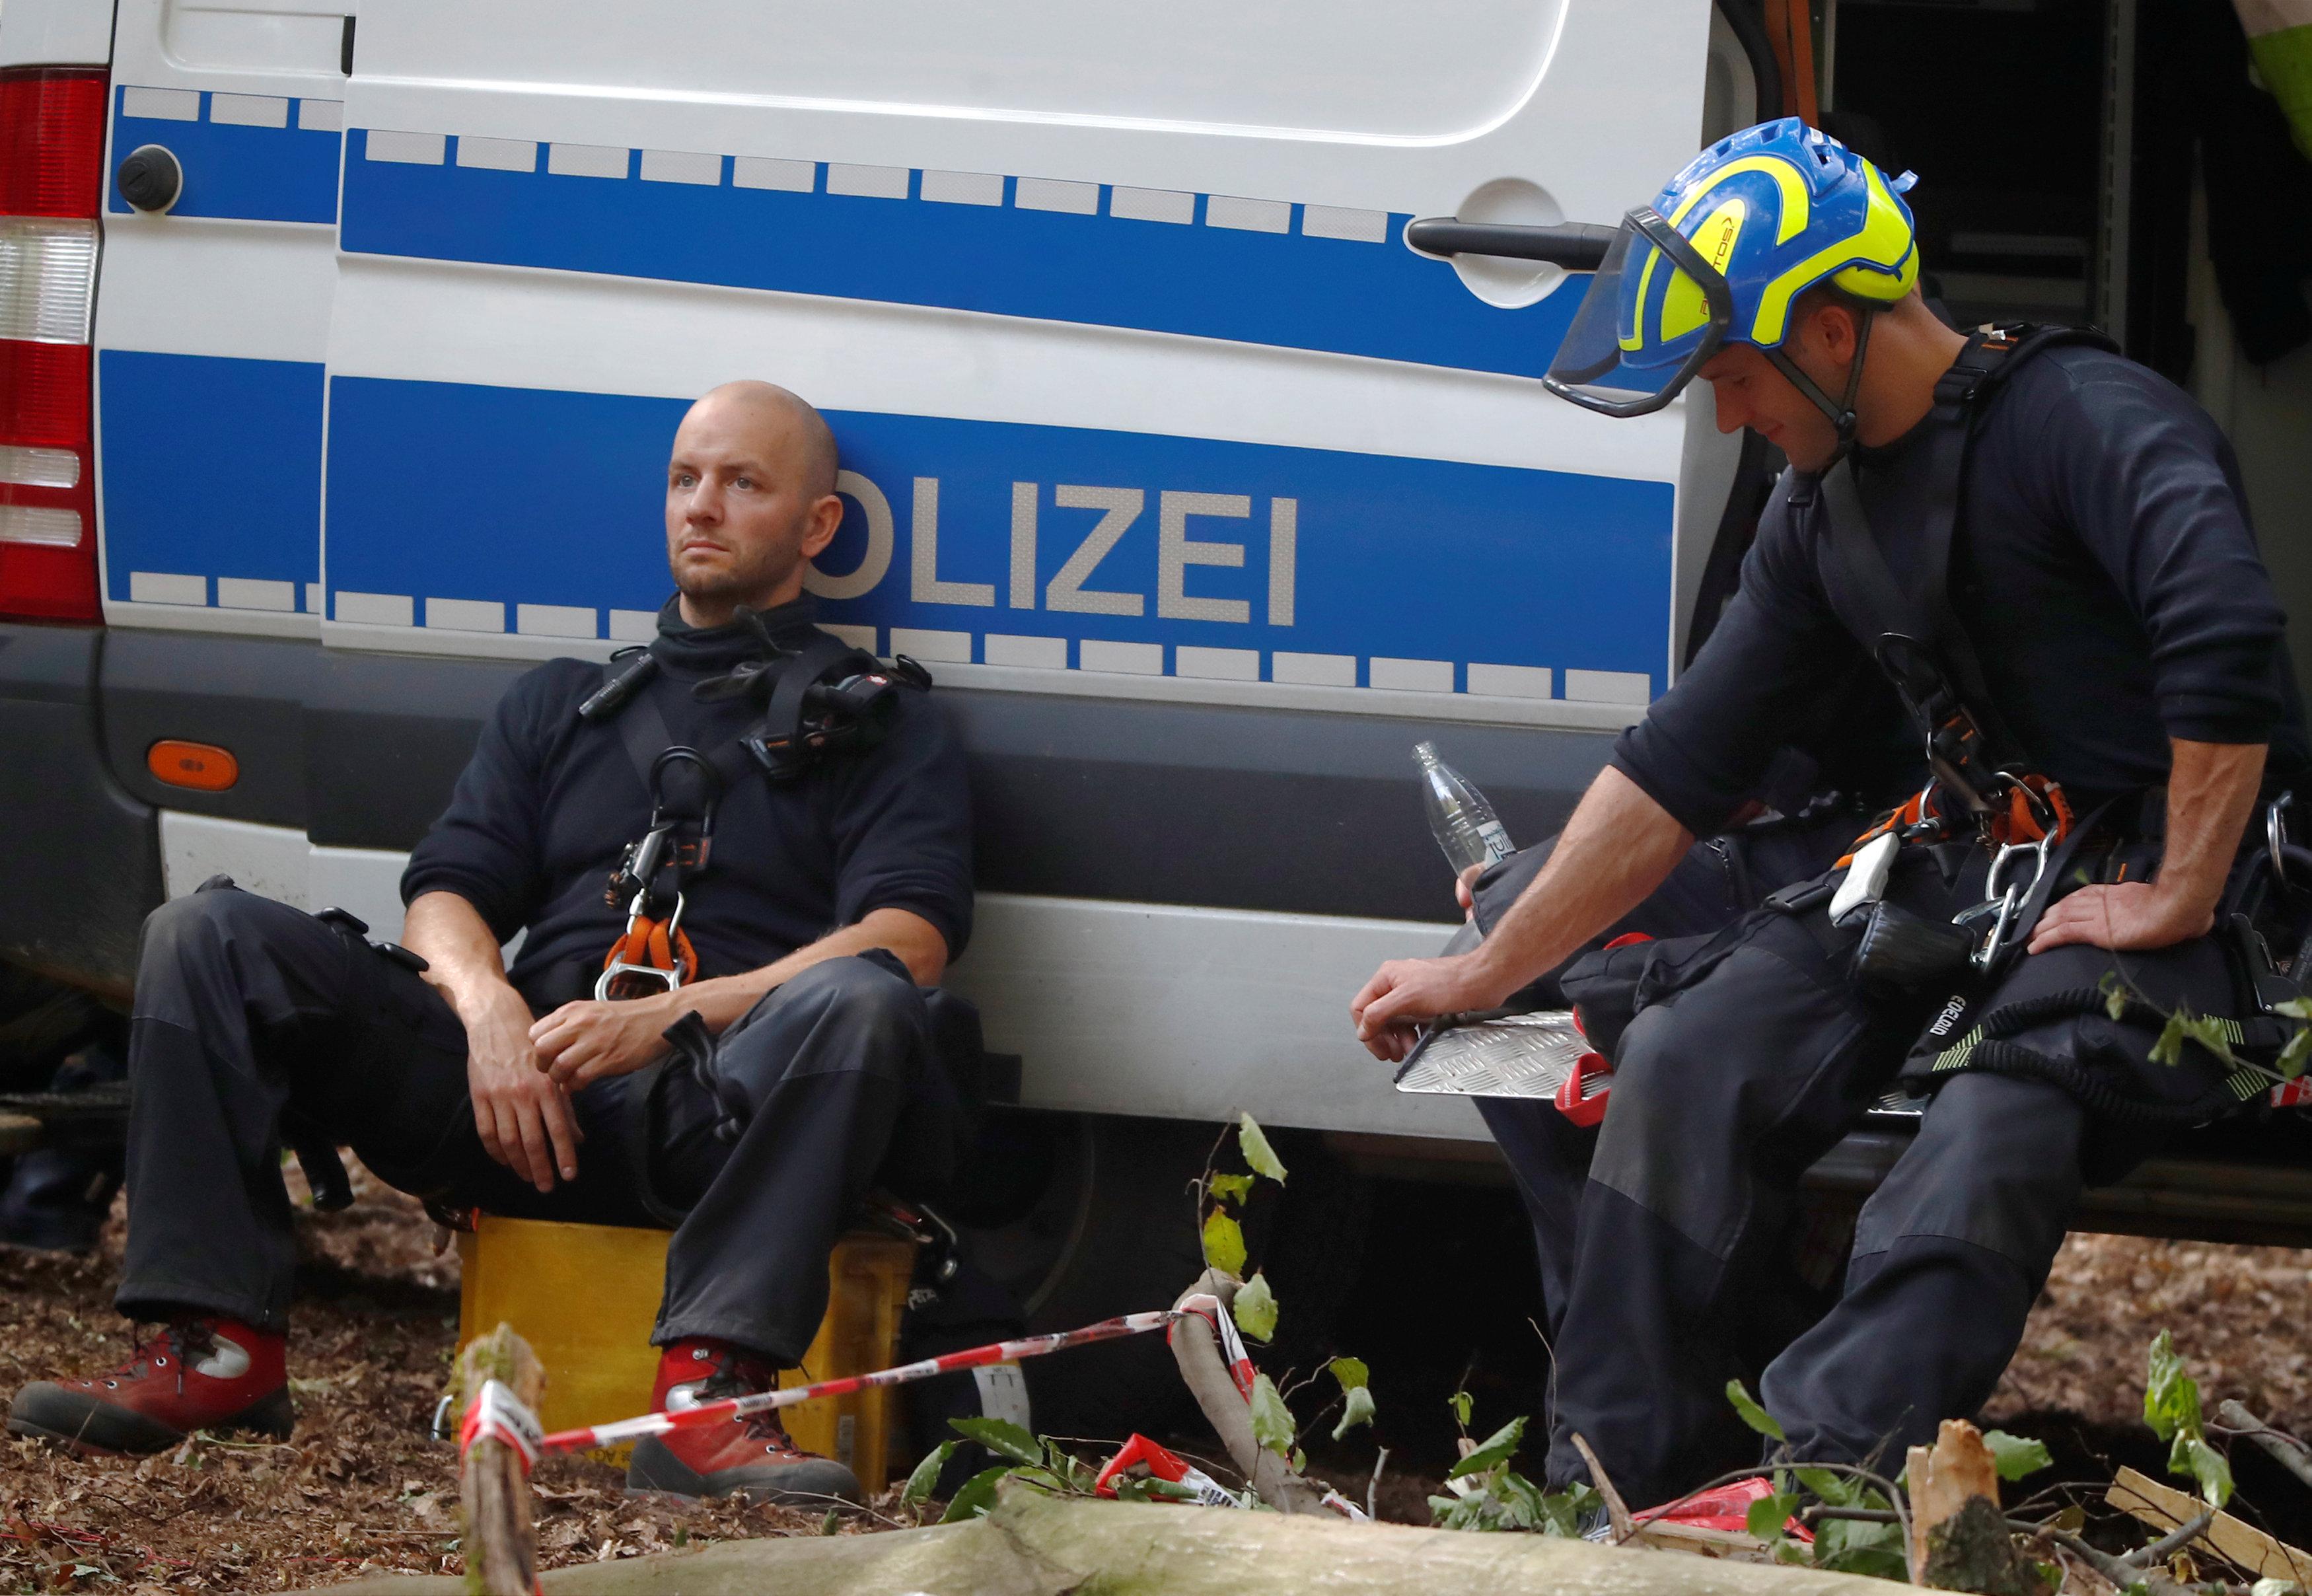 أفراد من الشرطة الألمانية فى لحظة راحة بعد محاولاتهم فض الاحتجاج